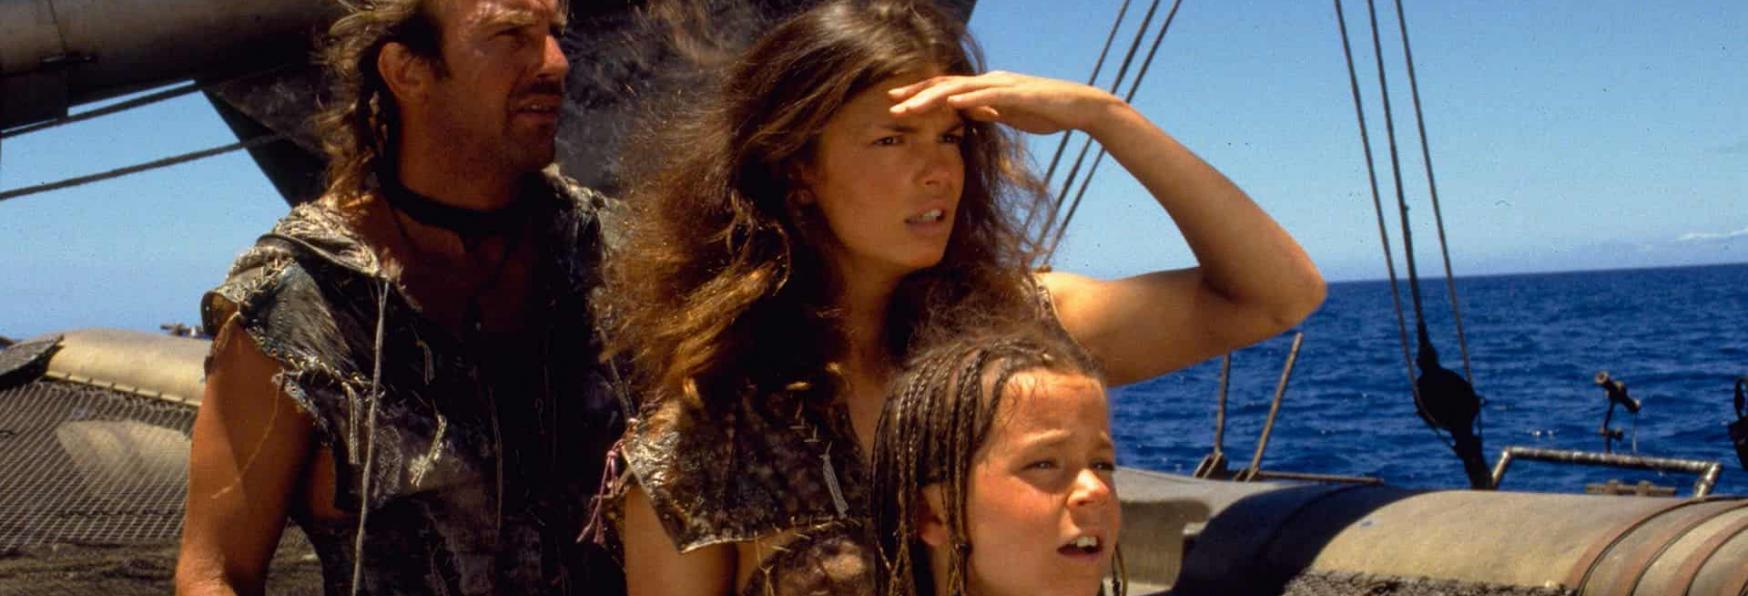 Waterworld: in Fase di Sviluppo una Serie TV Sequel del Cult con Kevin Costner